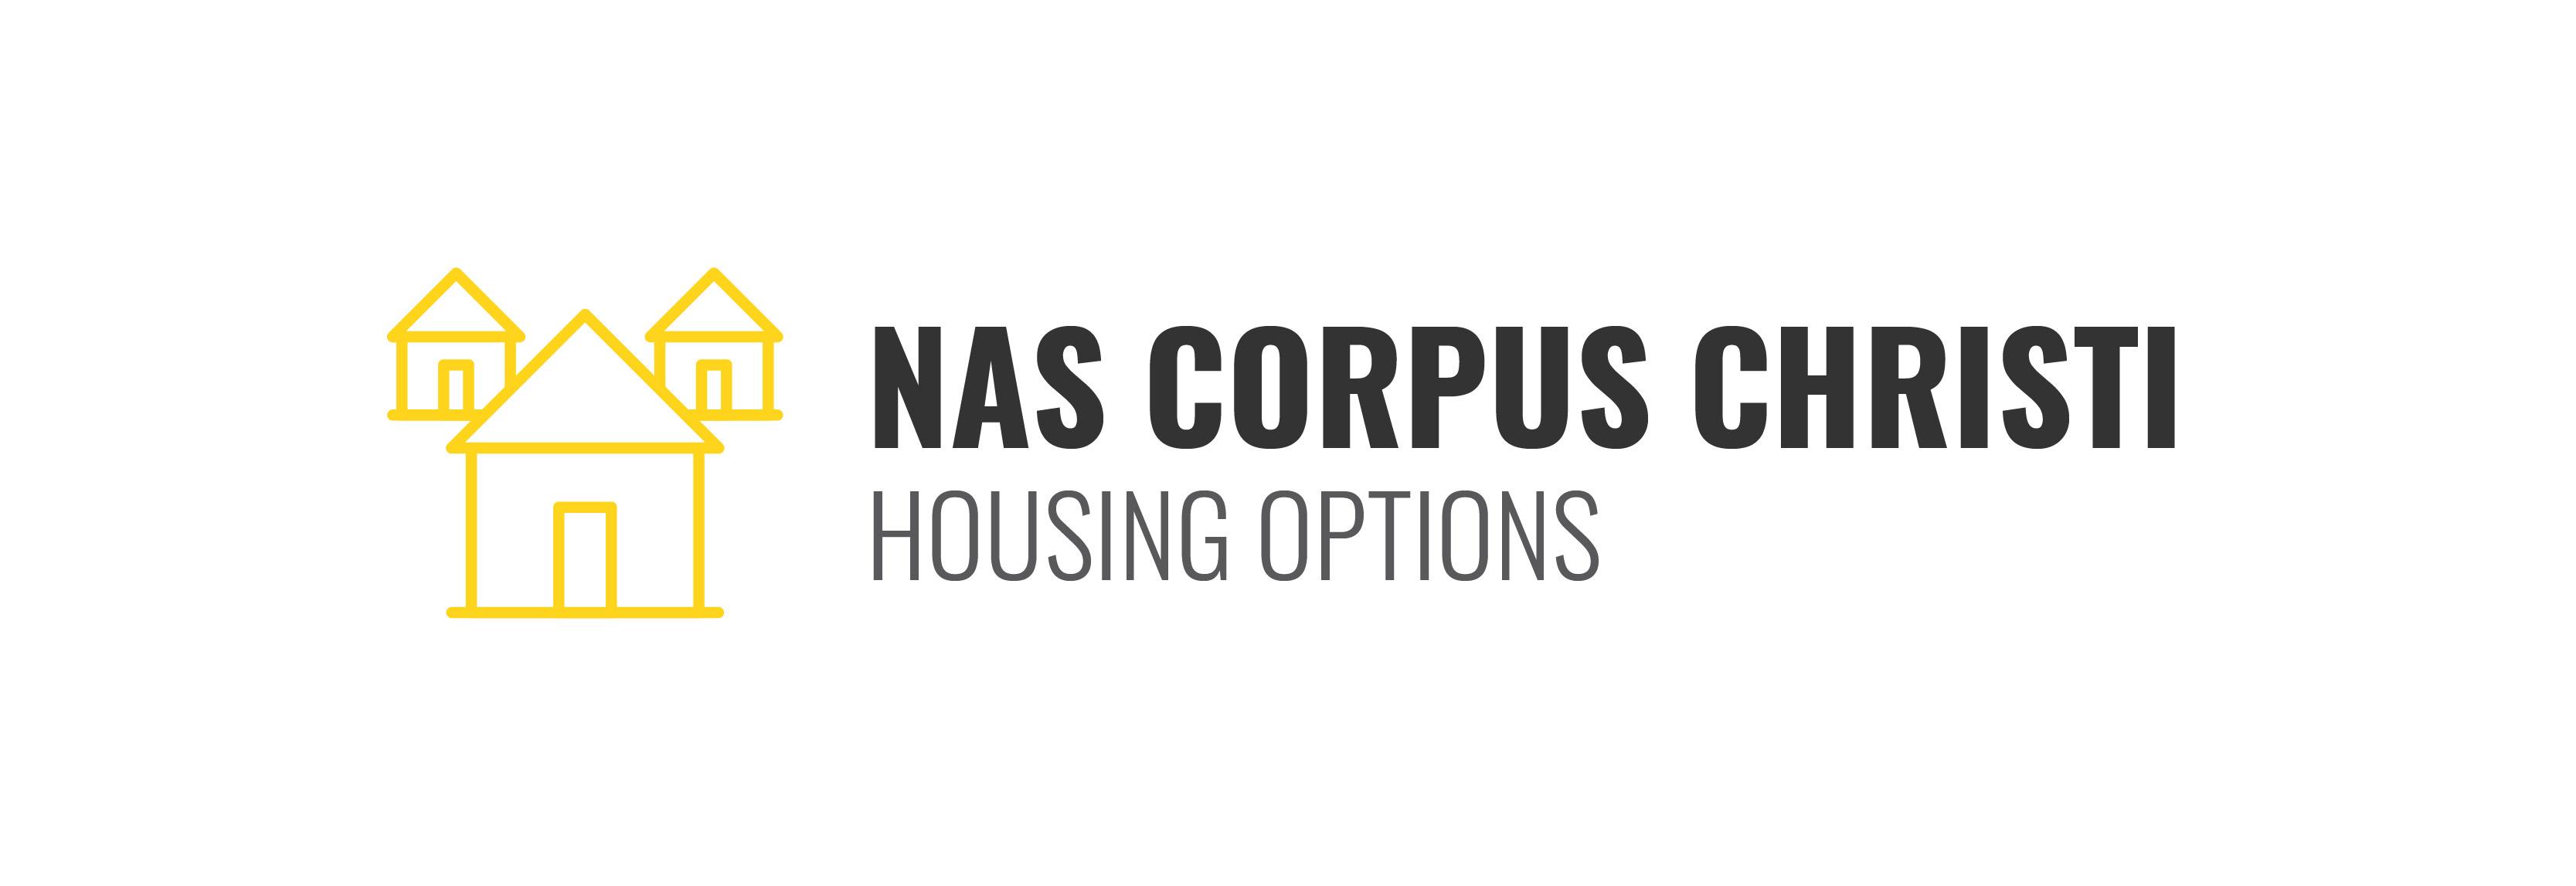 NAS Corpus Christi Housing Options